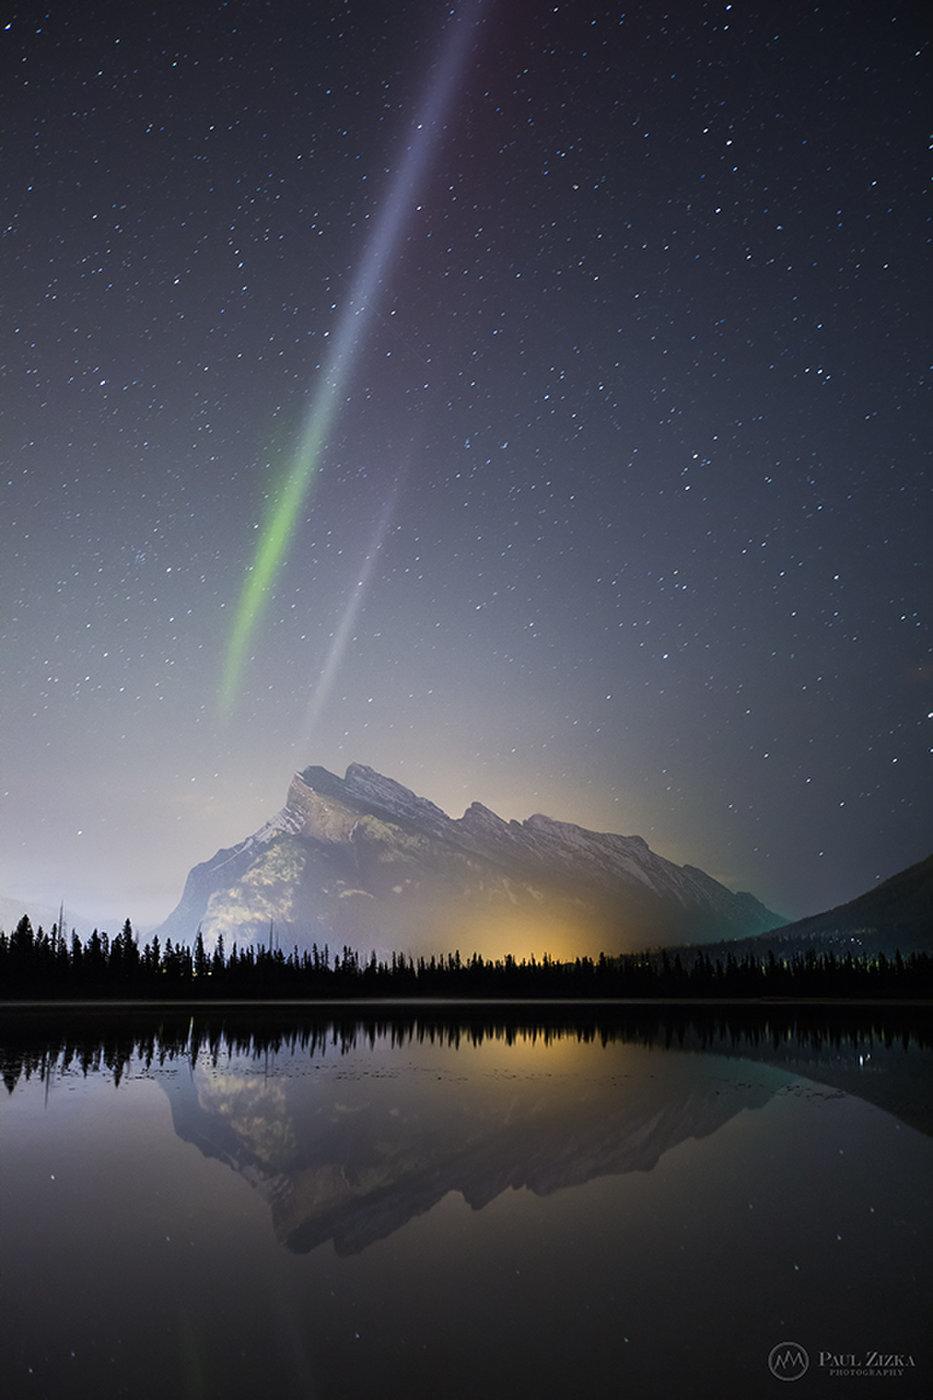 Nhiếp ảnh gia thiên văn Paul Zizka chụp được khoảnh khắc hiện tượng Steve kép vào tháng 10 năm 2015 tại Công viên Quốc gia Banff ở Dãy núi Rocky của Canada. Hình ảnh: Paul Zizka/zizka.ca.